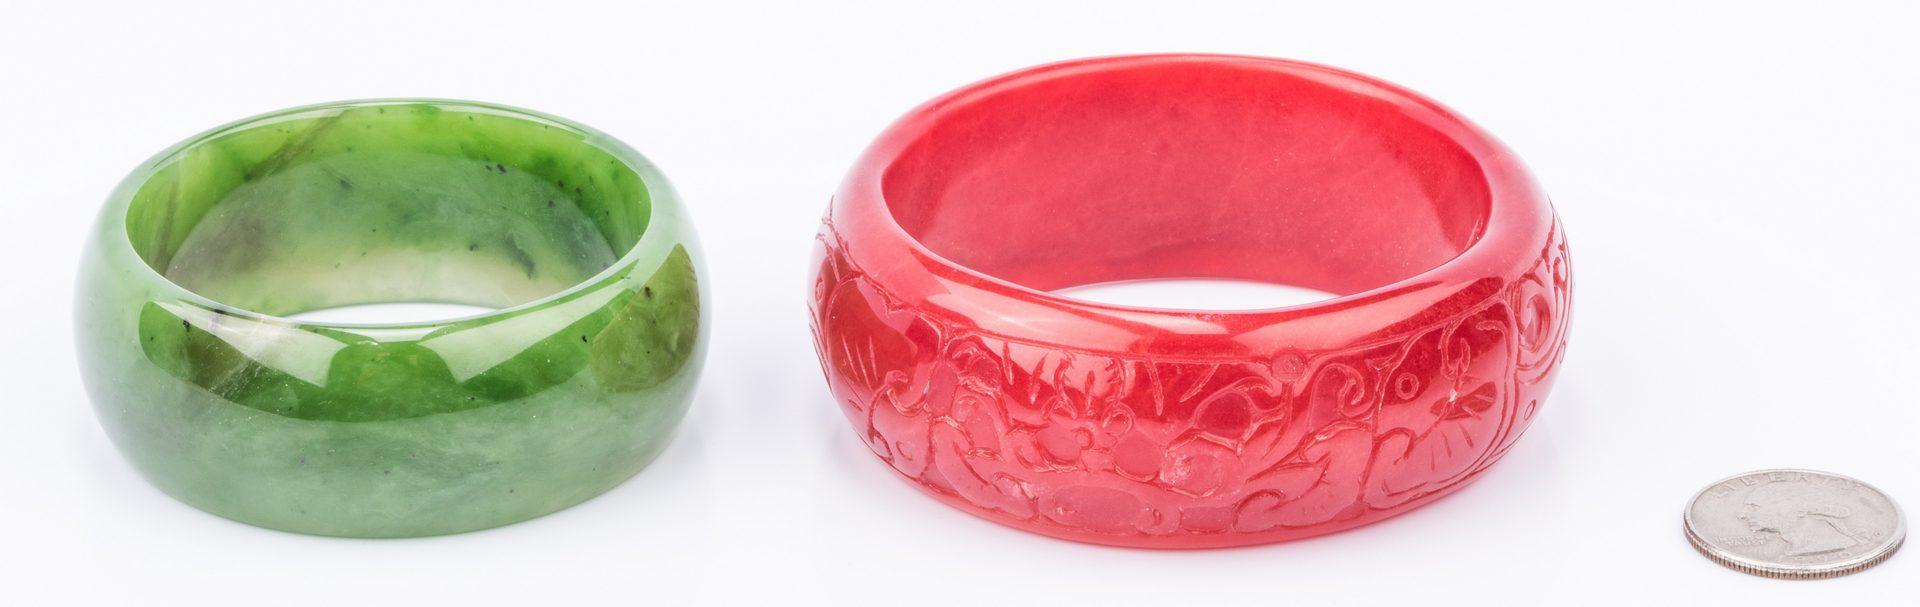 Lot 851: Carnelian and Jade Bangle Bracelets